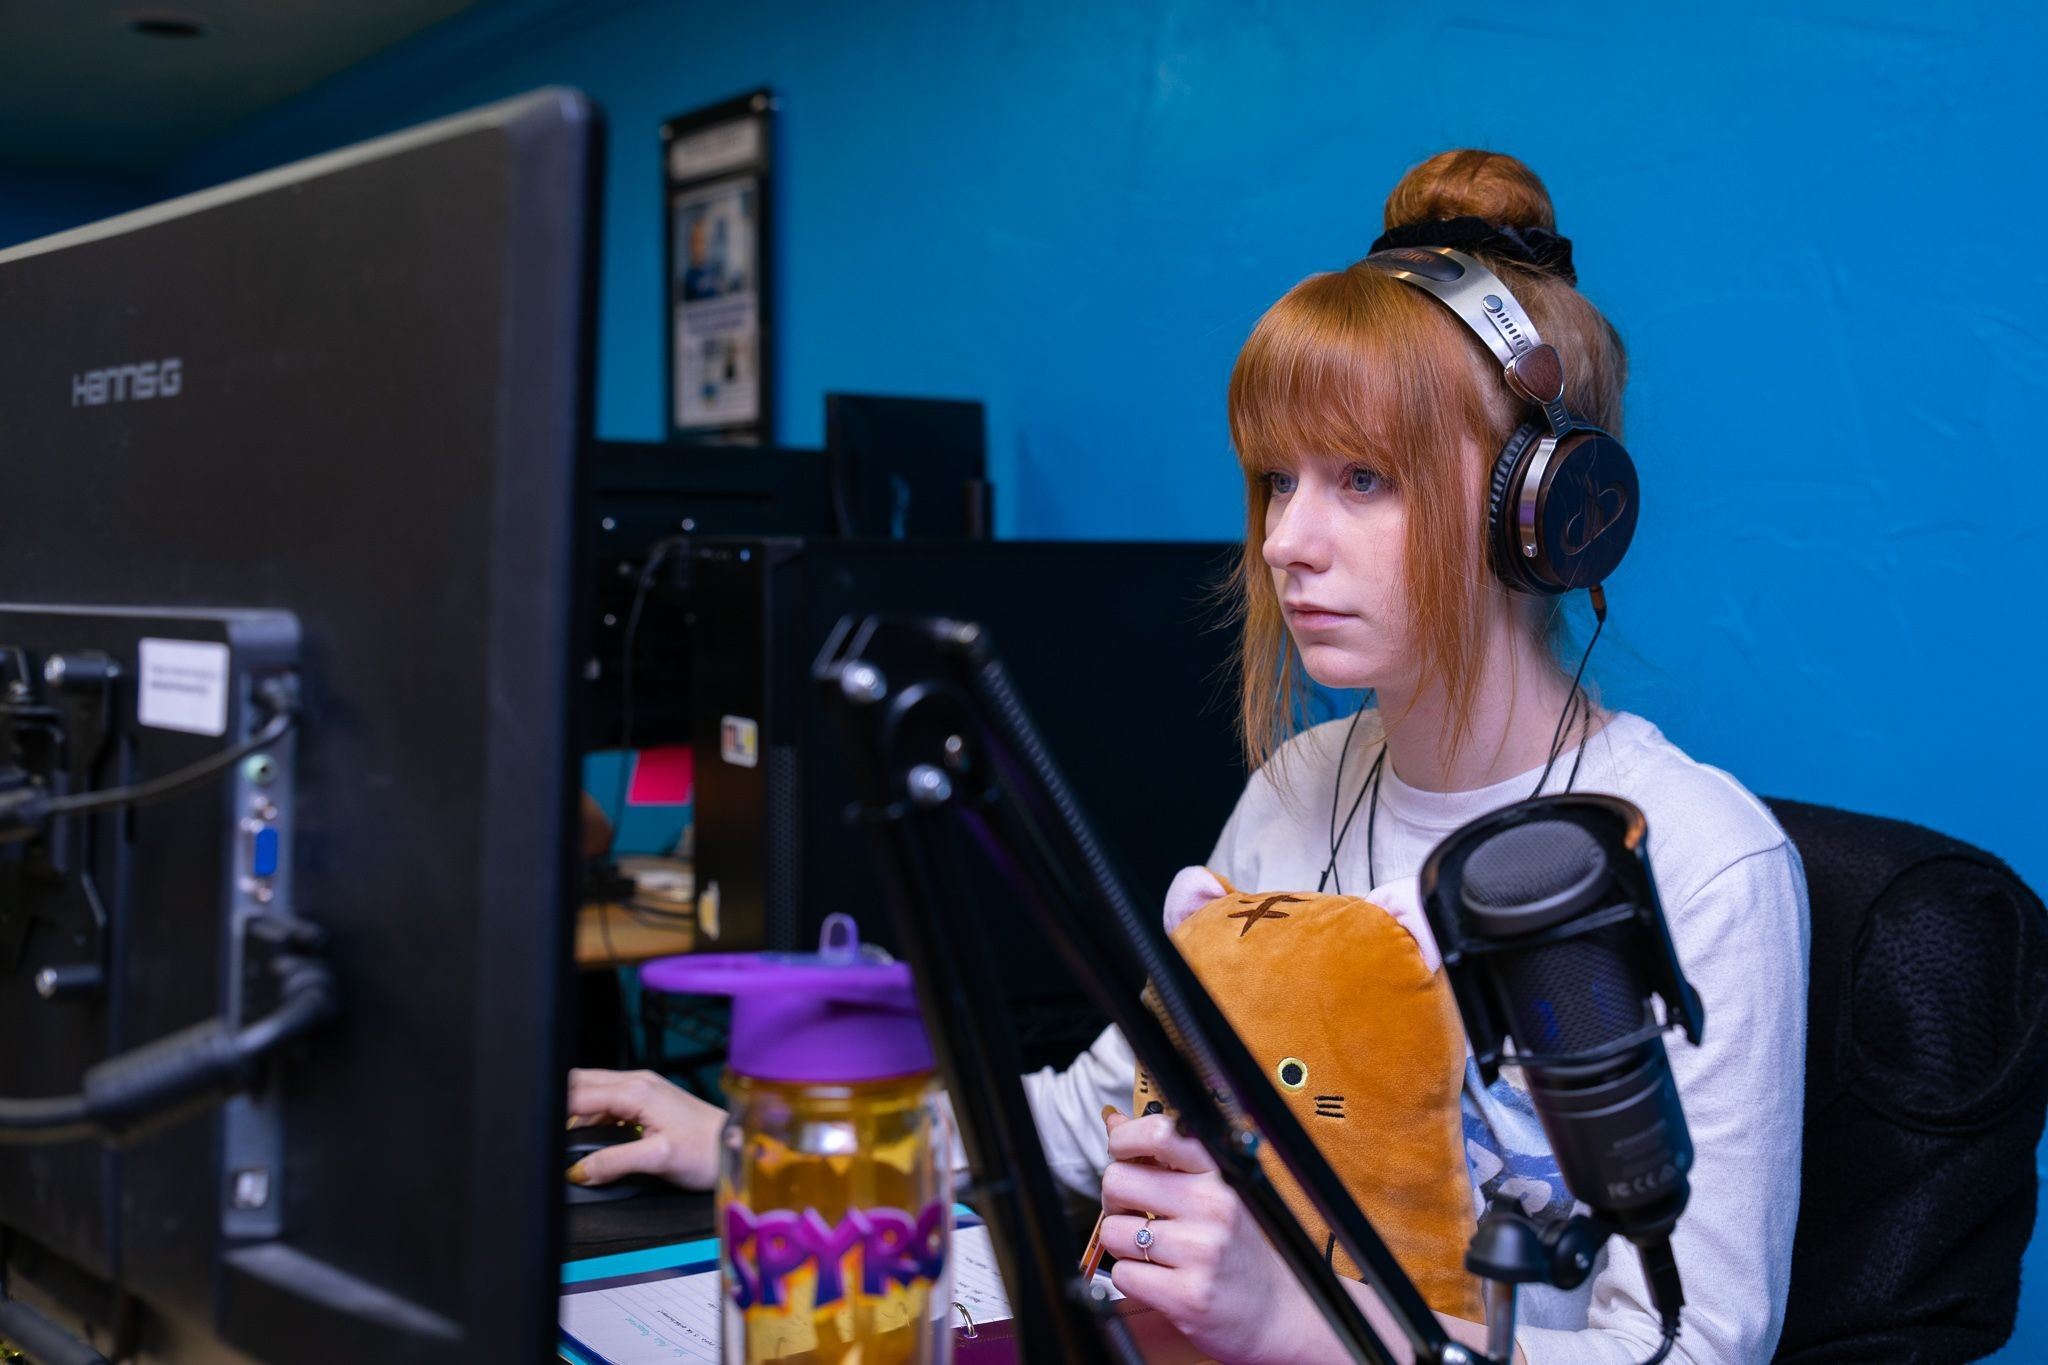 Taylor T at her Nodecraft workstation